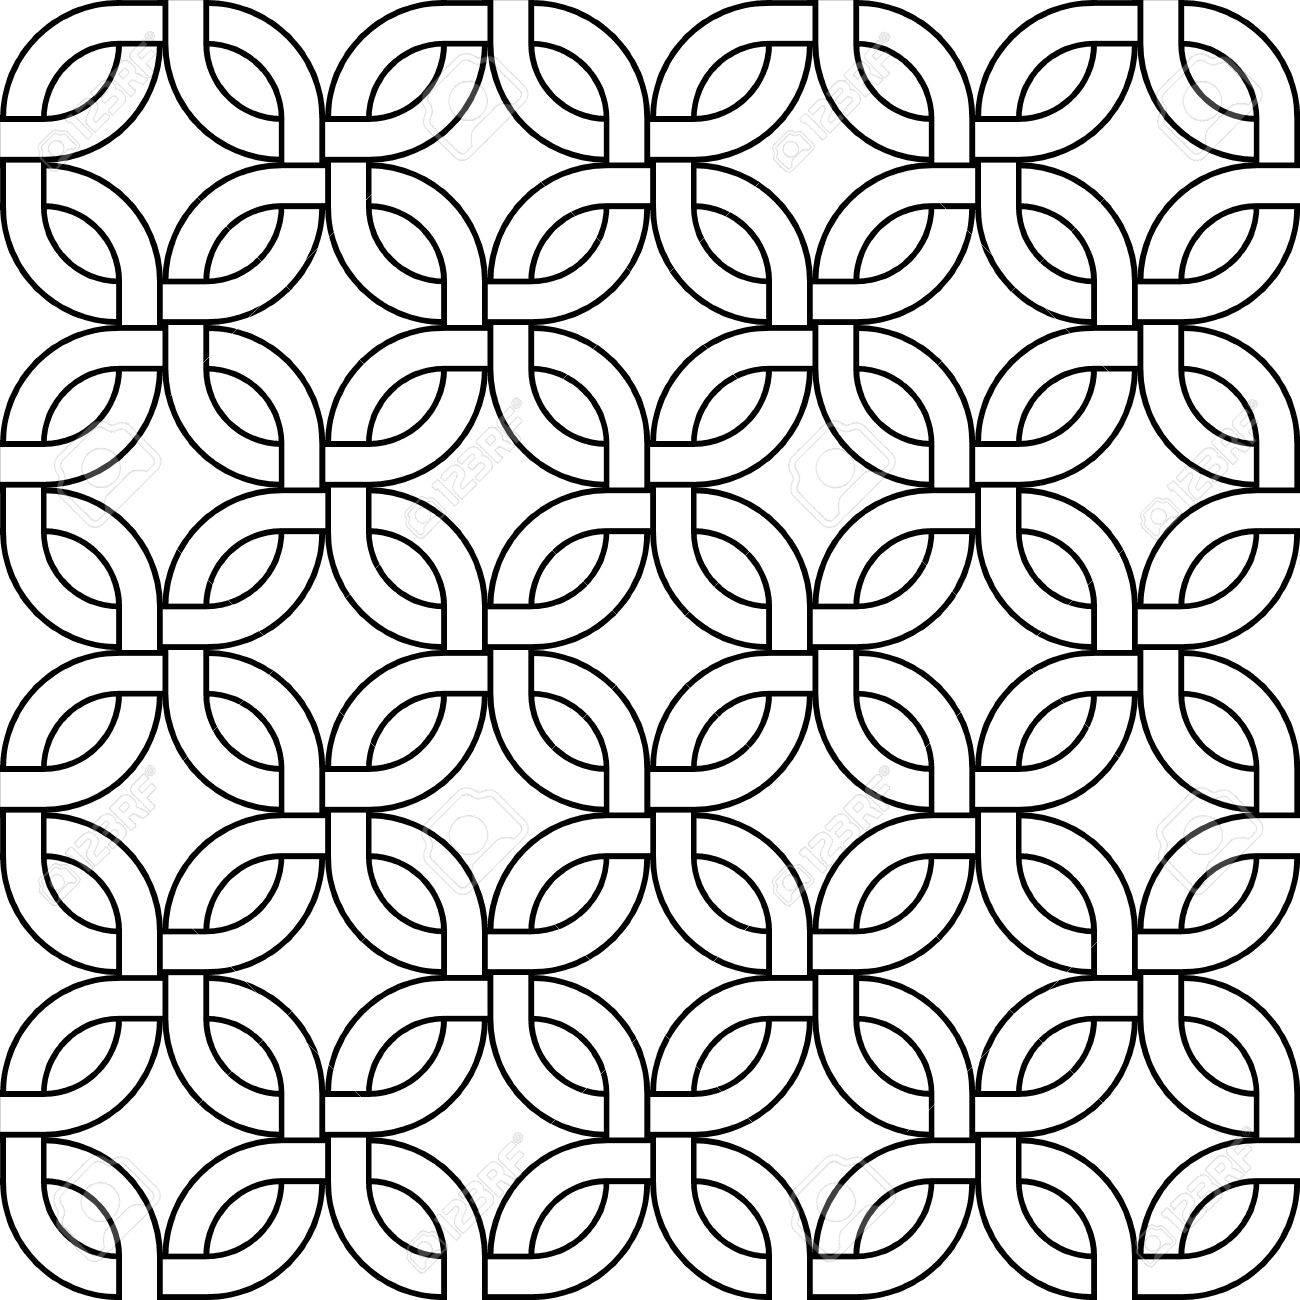 Geométrico Abstracto Teje Cuadrados Patrón Transparente En Blanco Y ...